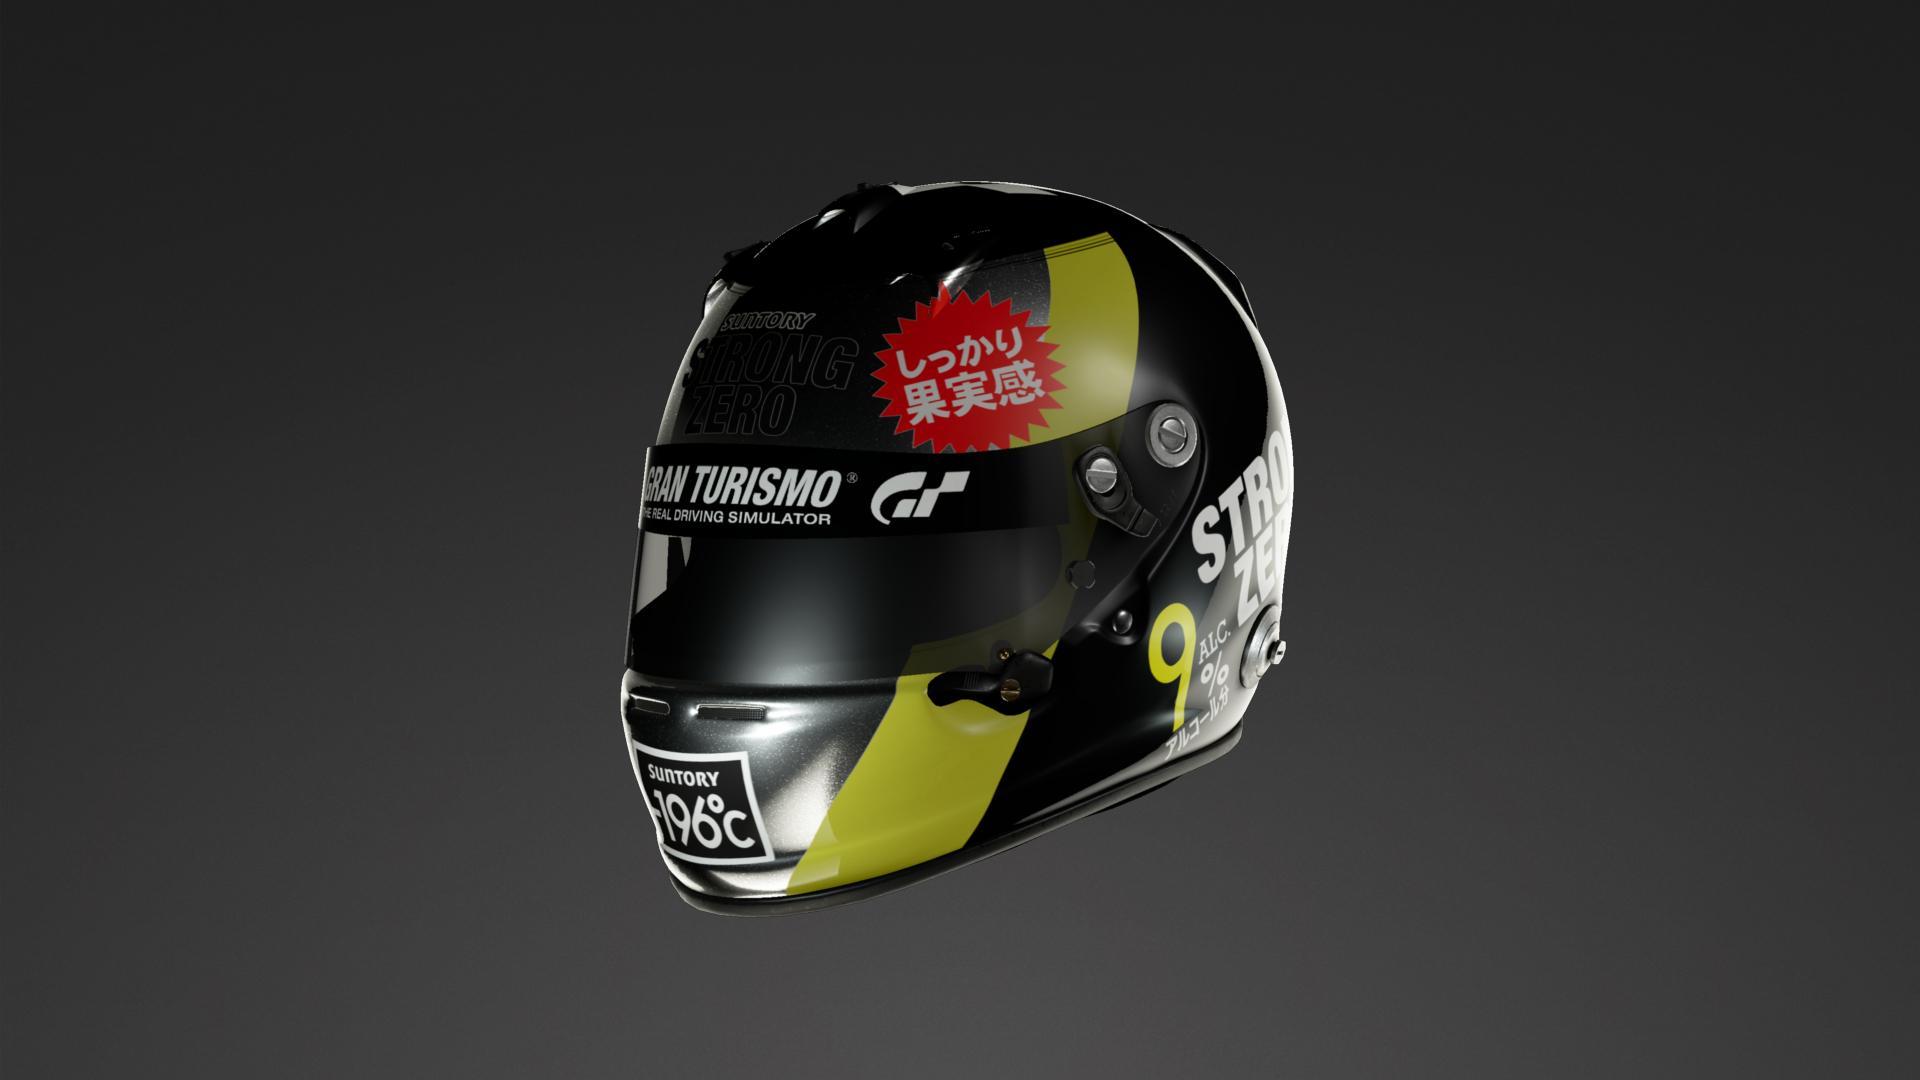 新規デザイン - Helmet Livery by plus440310 | Community